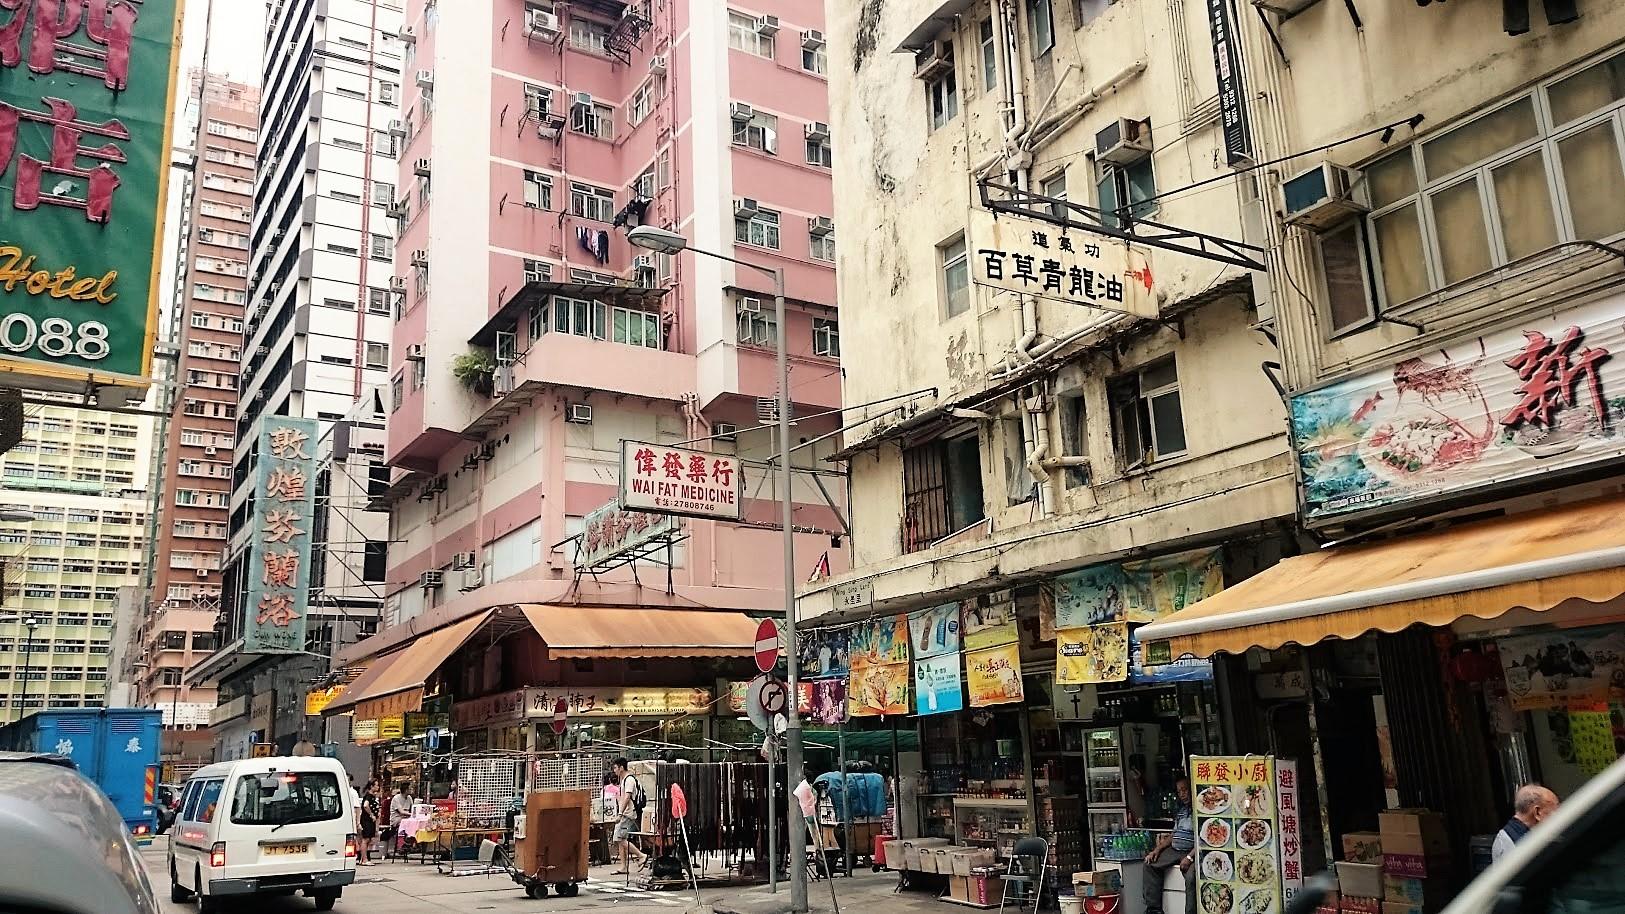 shanghai street markkinat hongkong